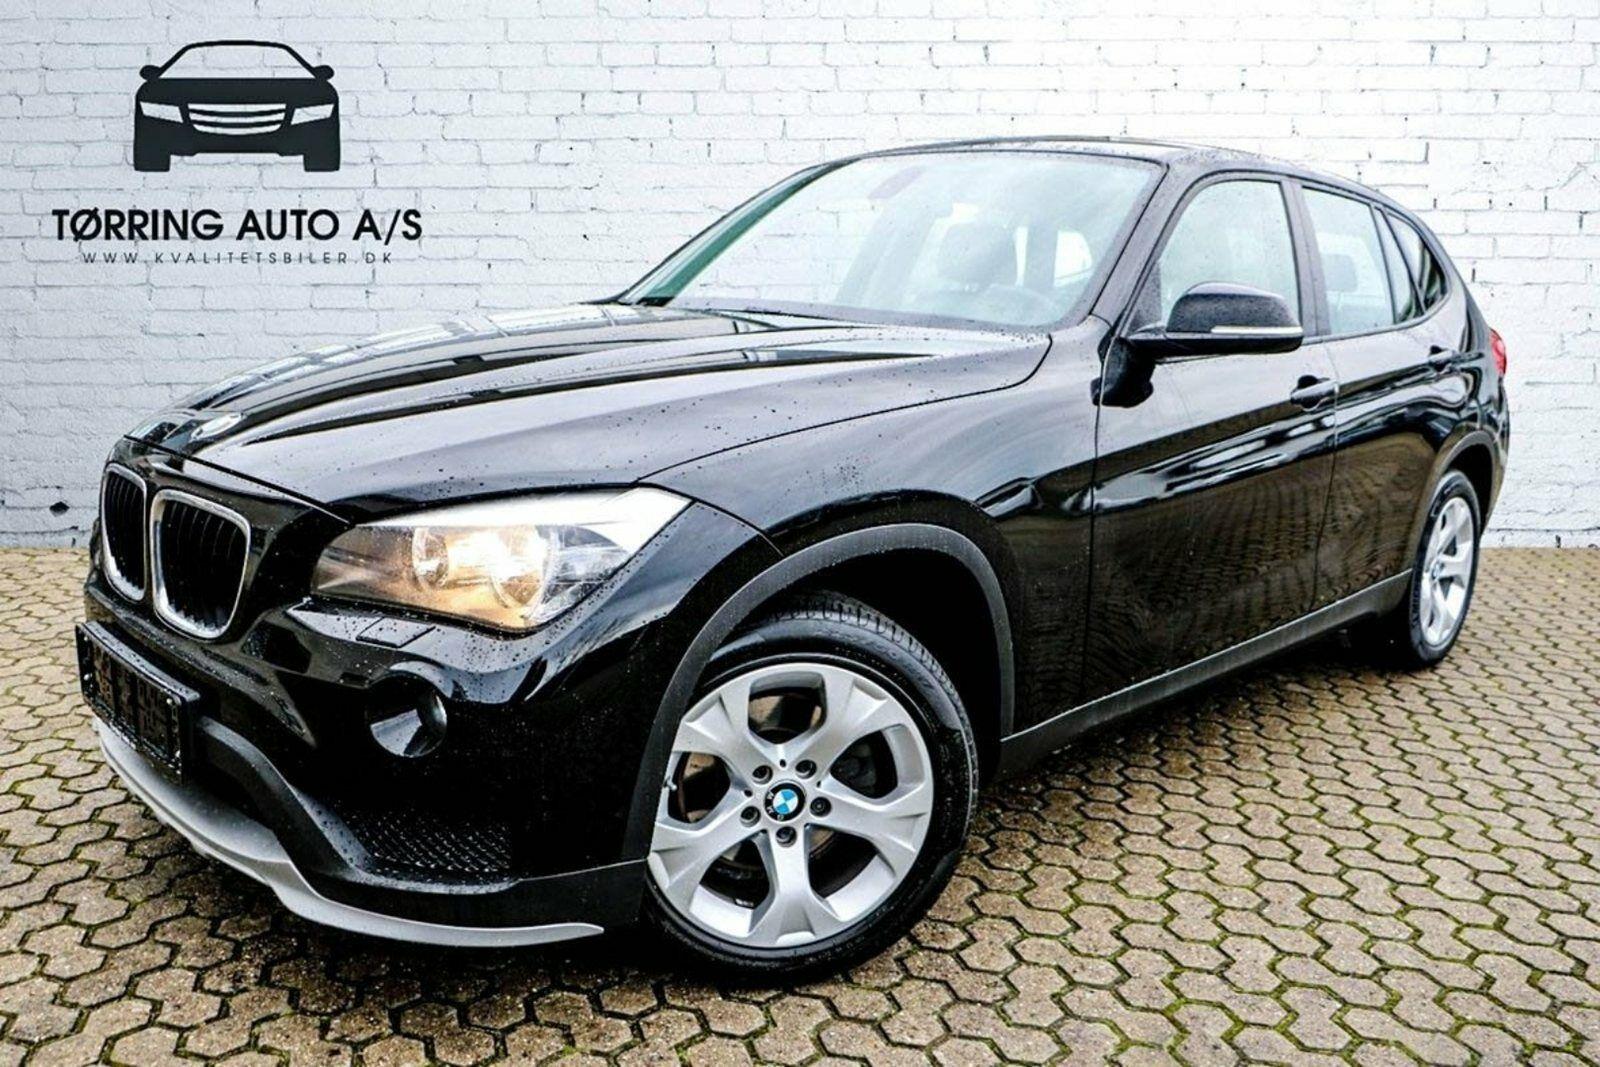 BMW X1 2,0 sDrive18d 5d - 234.900 kr.